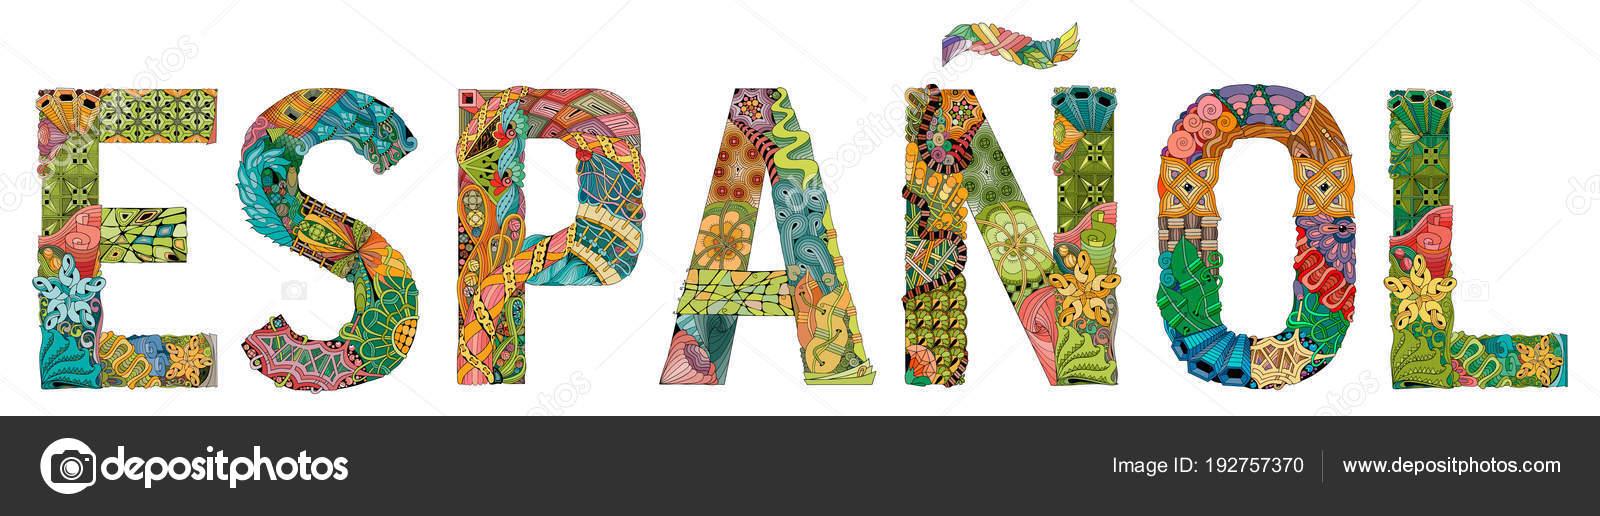 Wort Espanol In Spanischer Sprache Dekorative Zentangle